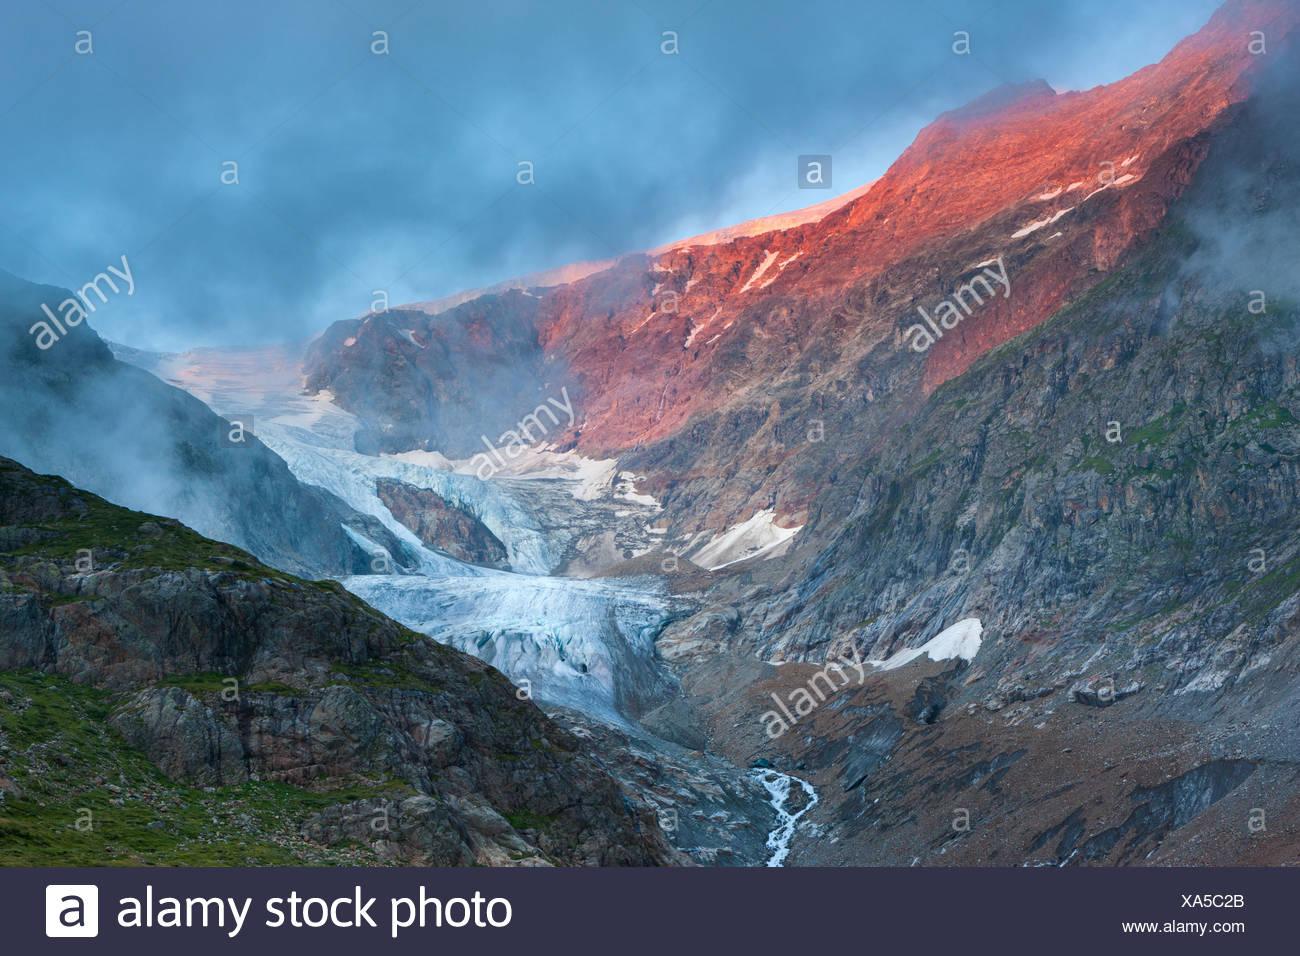 Glaciar Piedras, Suiza, Europa, cantón de Berna, en el Oberland Bernés Gadmental, glaciar, hielo, roca, Cliff, luz del atardecer Imagen De Stock